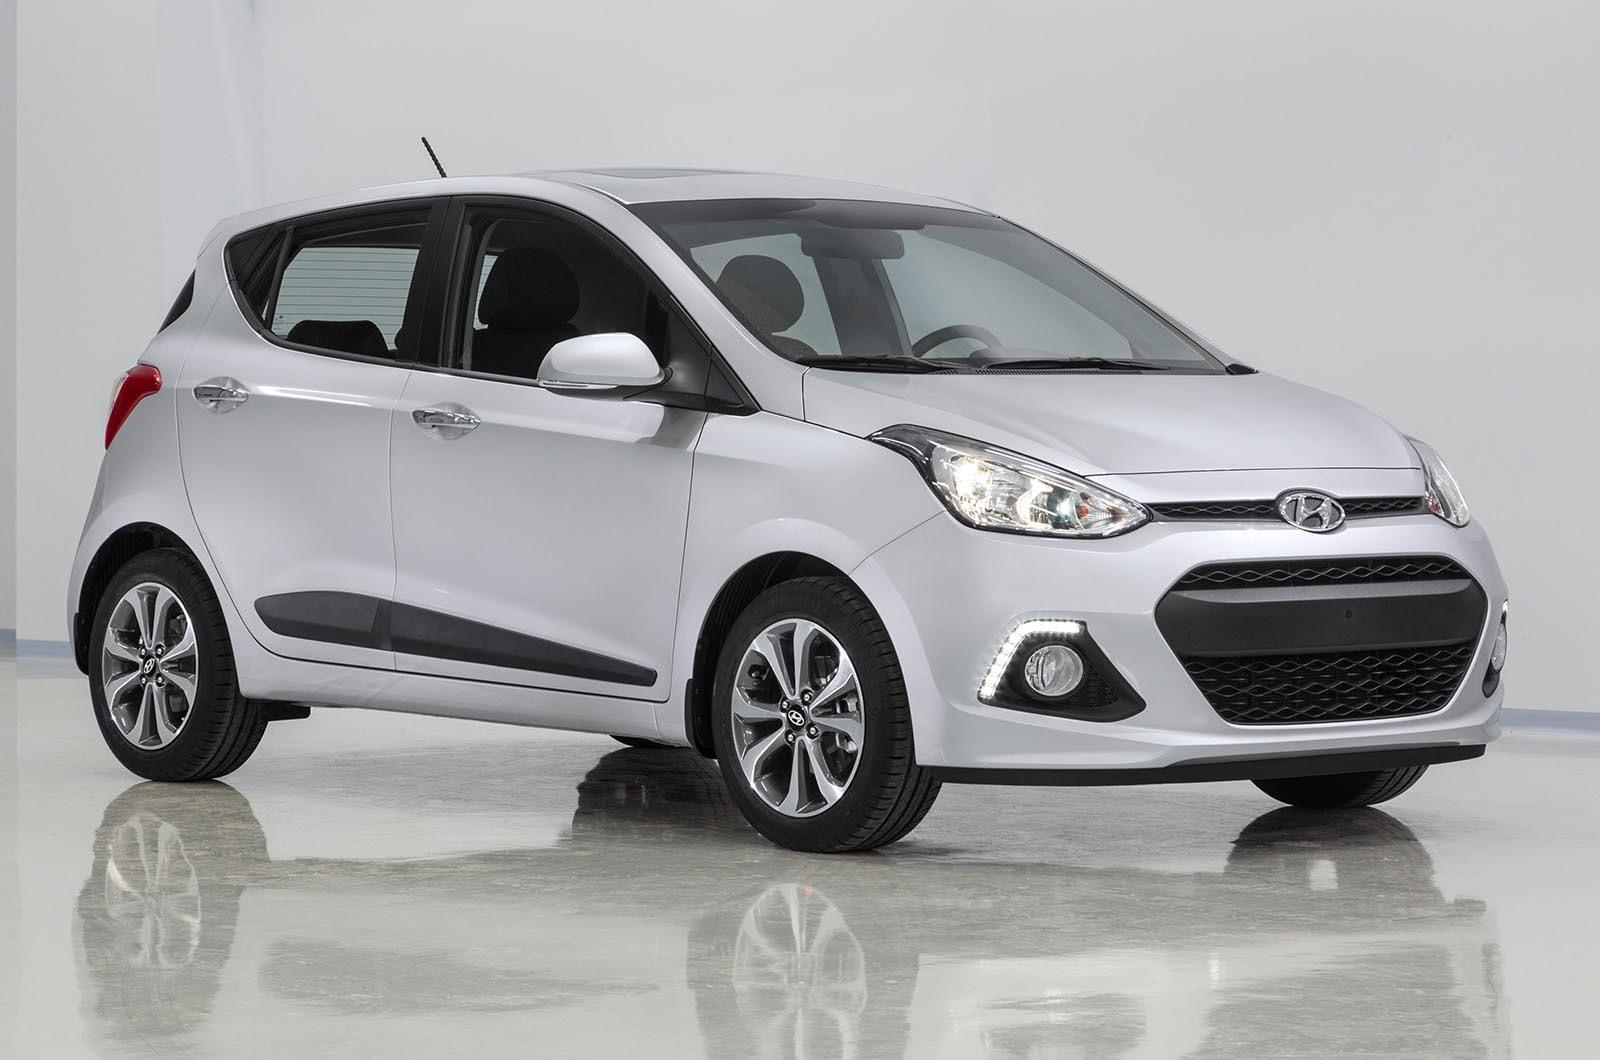 Ô tô cũ 'hot' trở lại, người tiêu dùng không thể bỏ qua những mẫu xe này